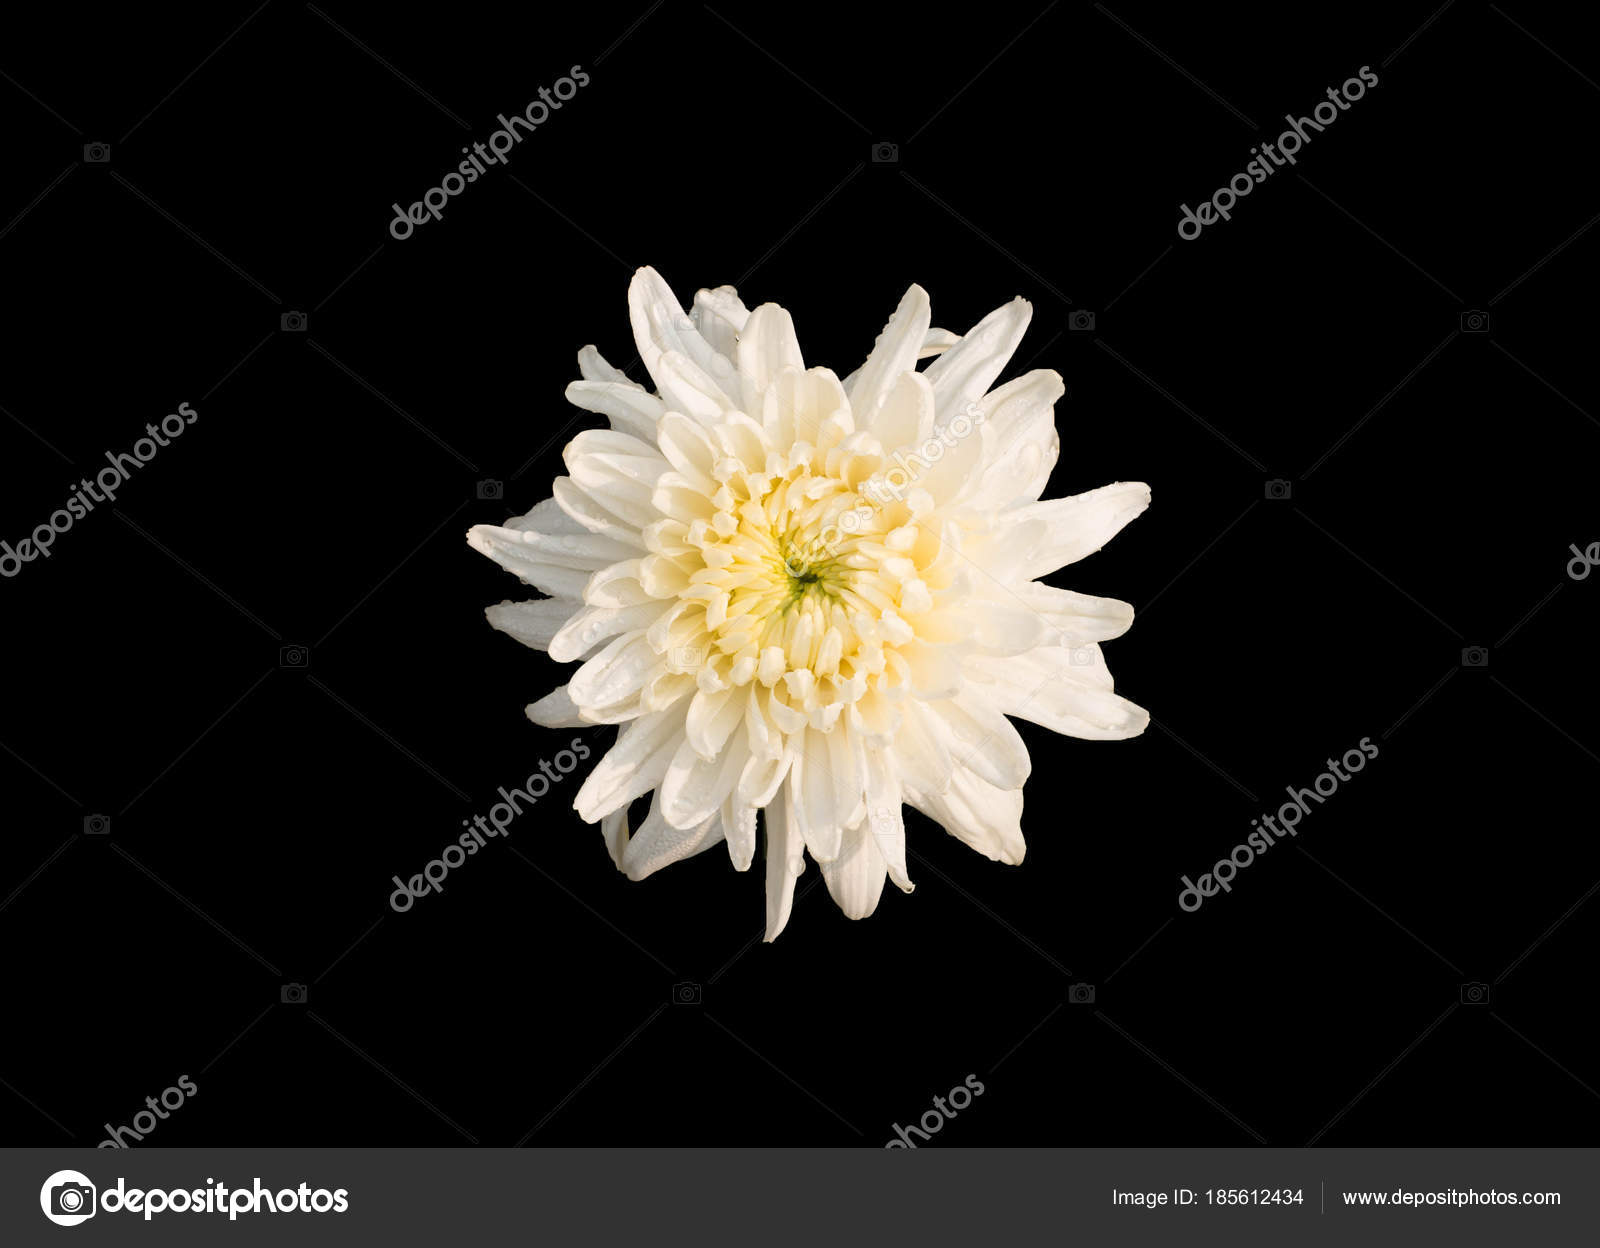 Isolated white chrysanthemum flower stock photo lamaip 185612434 isolated white chrysanthemum flower stock photo mightylinksfo